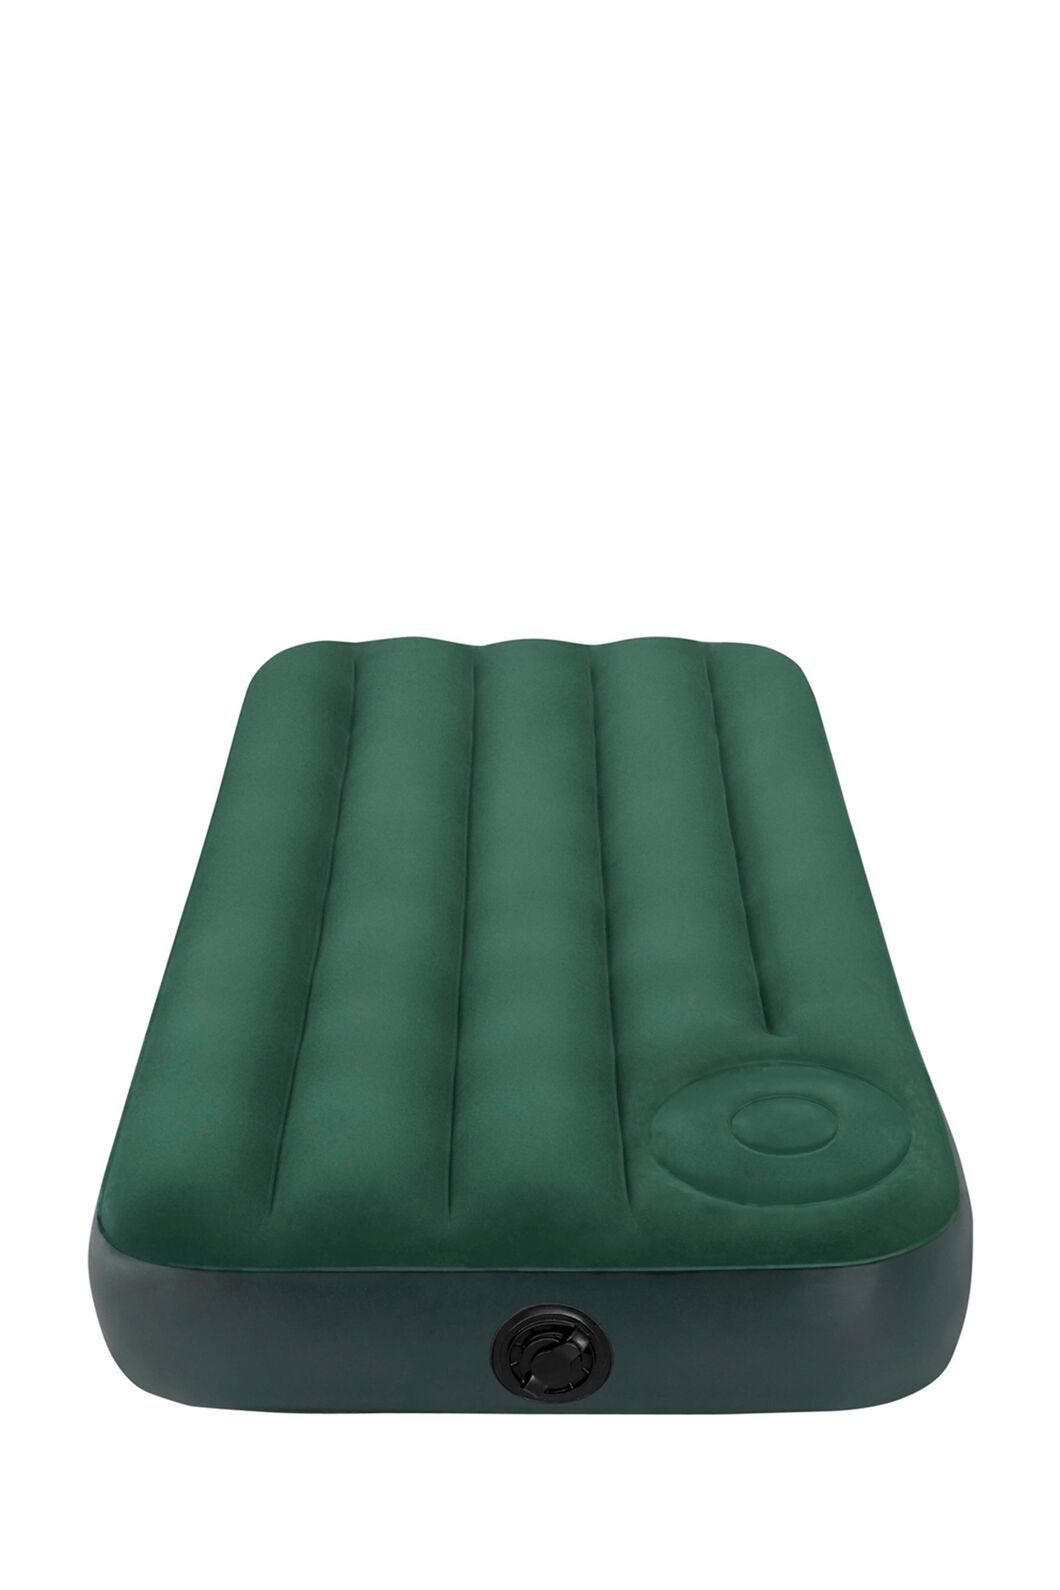 Intex Single Downy Air Bed with Foot Pump, None, hi-res